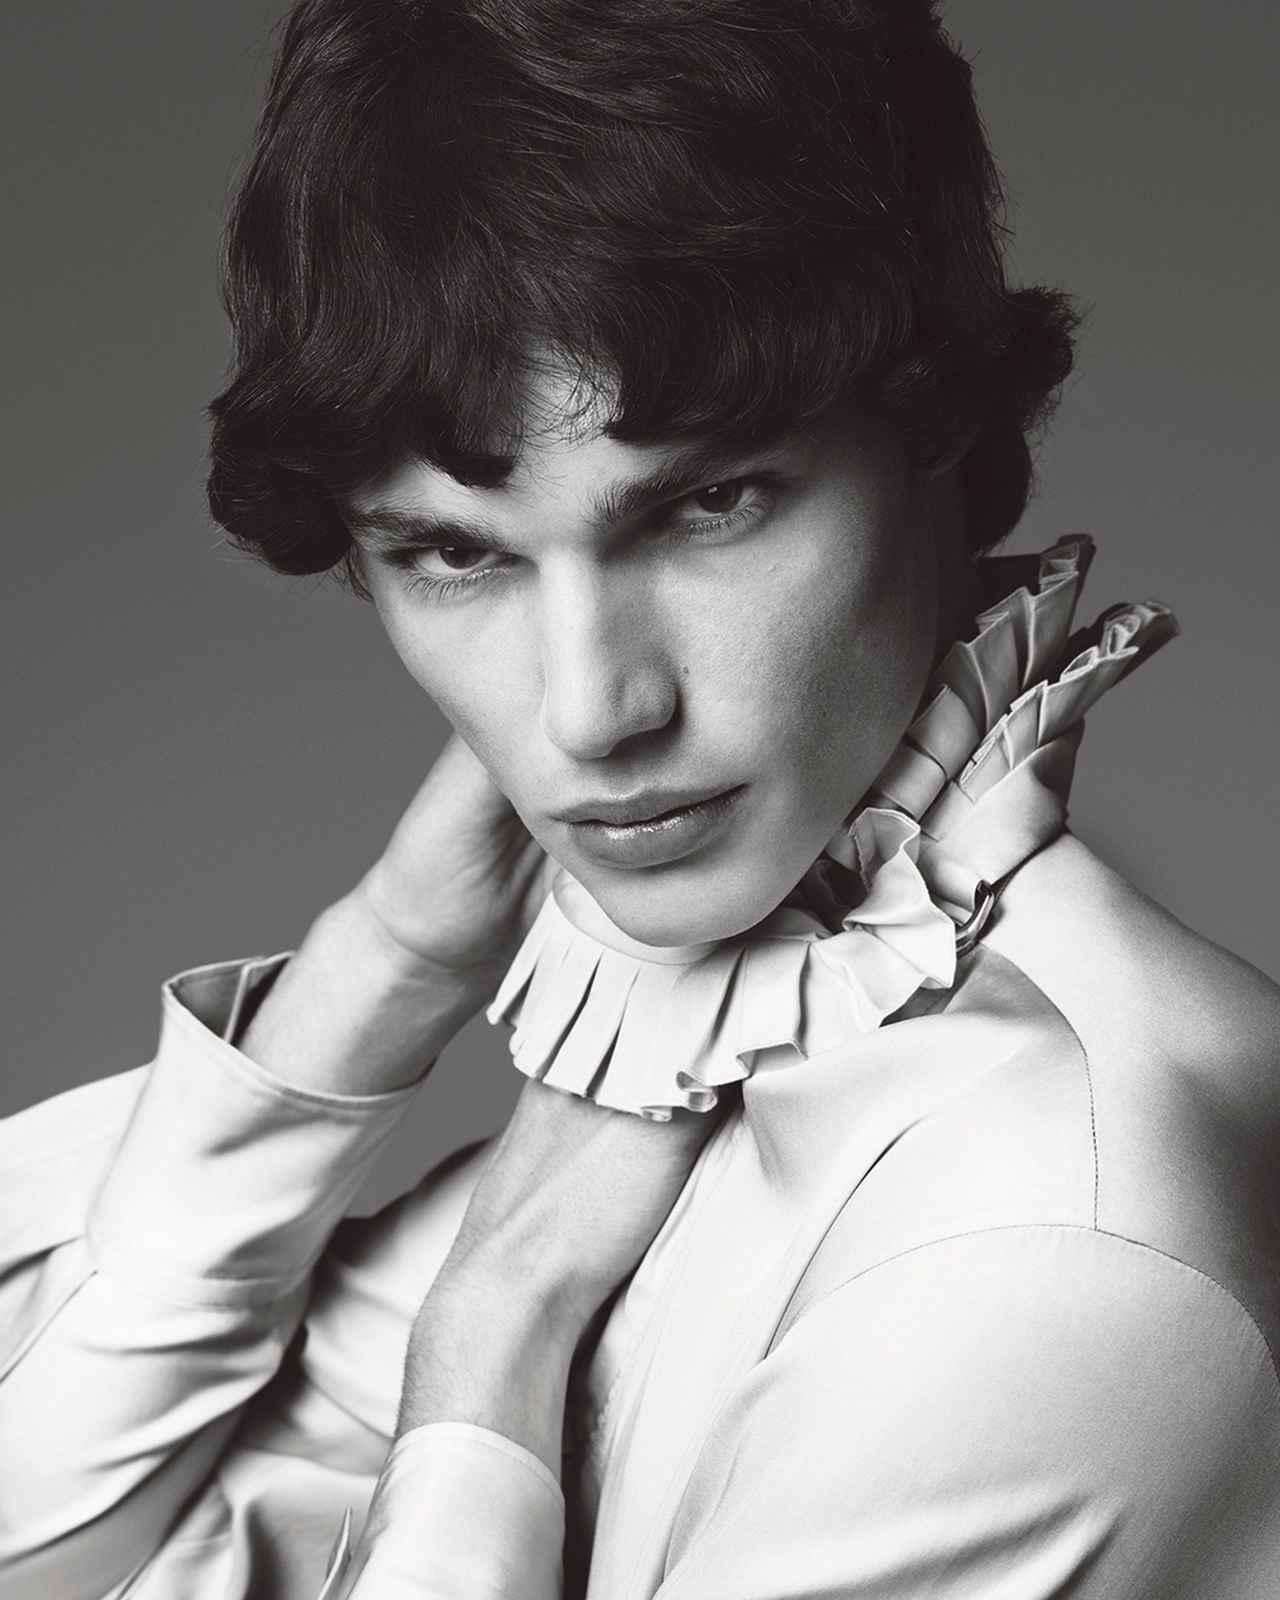 Images : 8番目の画像 - 「「シャツ」が誘う ジェンダーの枠をはずした 自由な精神の輝く新世界」のアルバム - T JAPAN:The New York Times Style Magazine 公式サイト